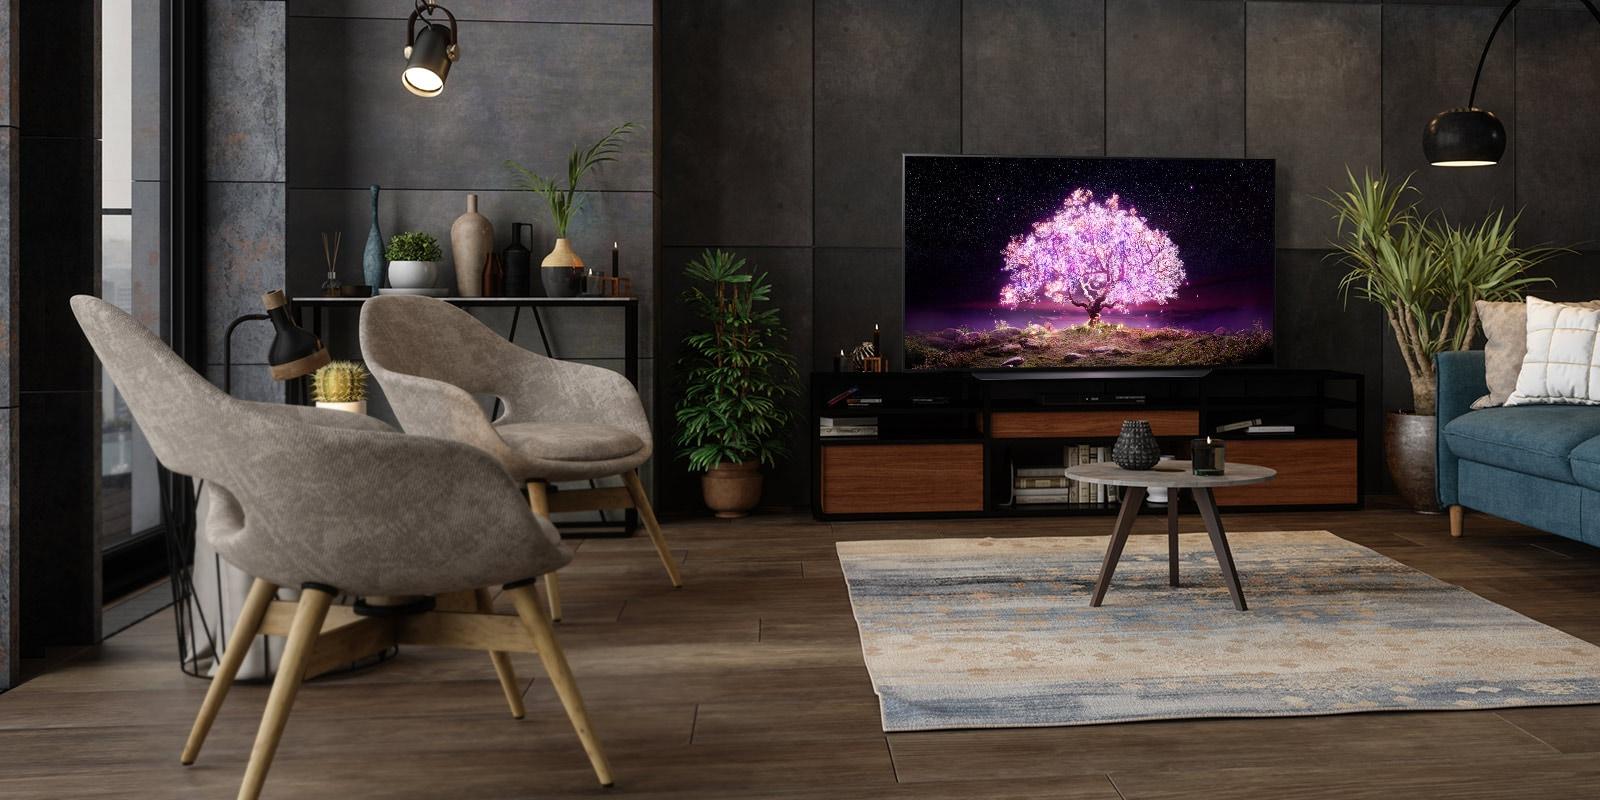 電視螢幕,顯示一棵在豪華家居發出紫色光芒的樹